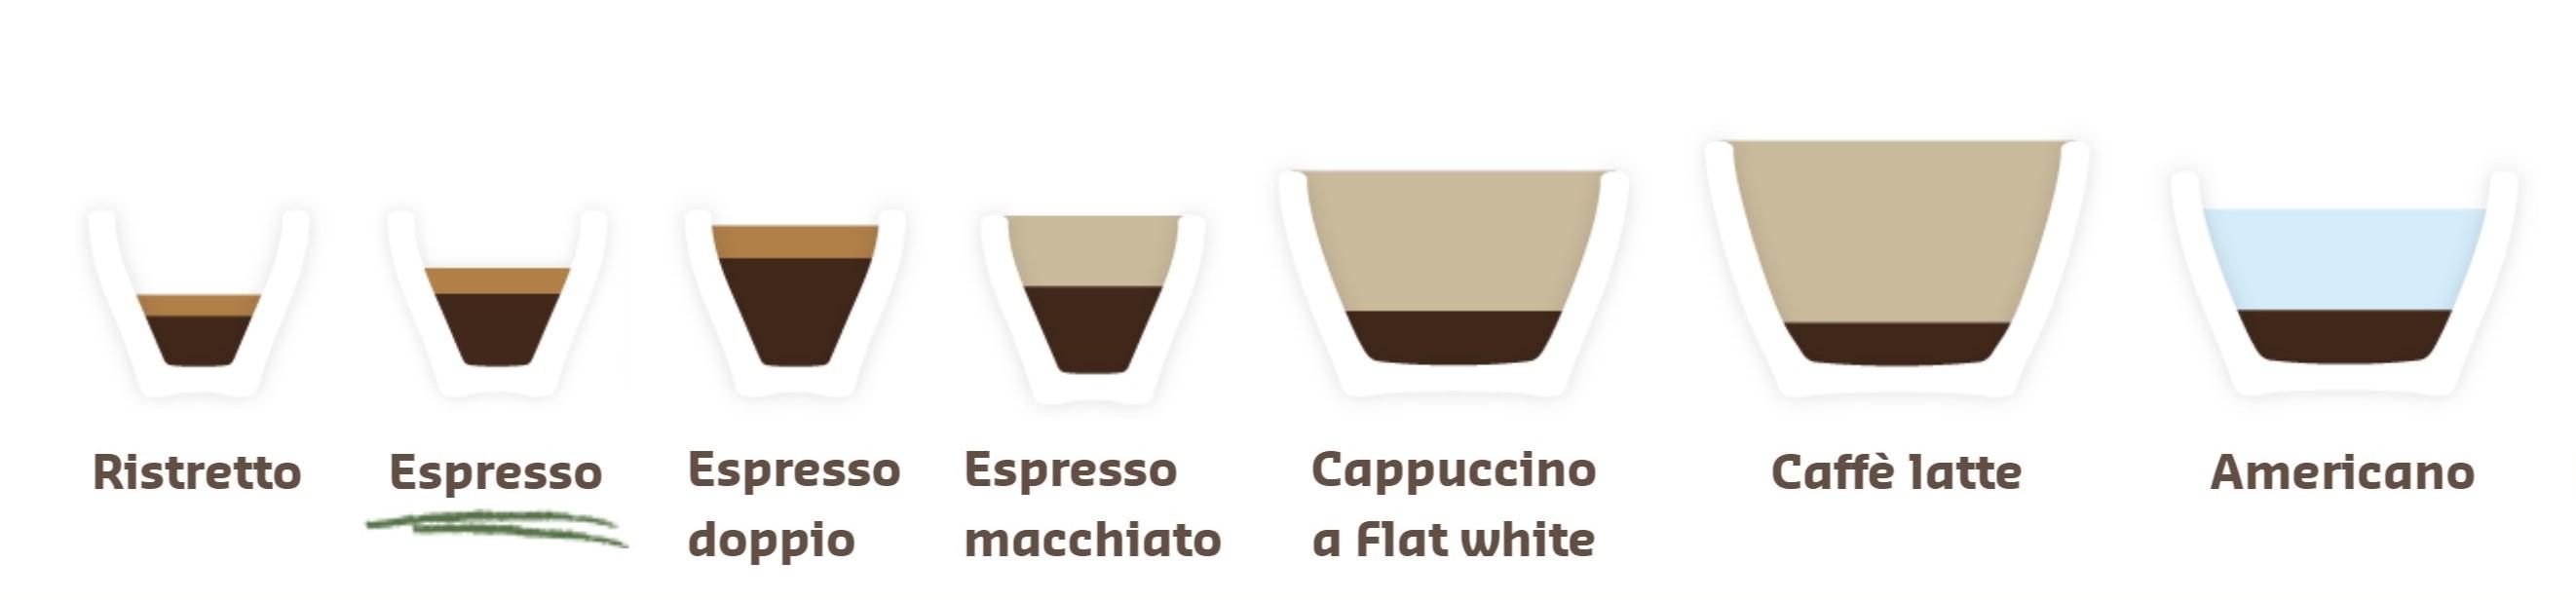 Infografika: kávové nápoje na bázi espressa